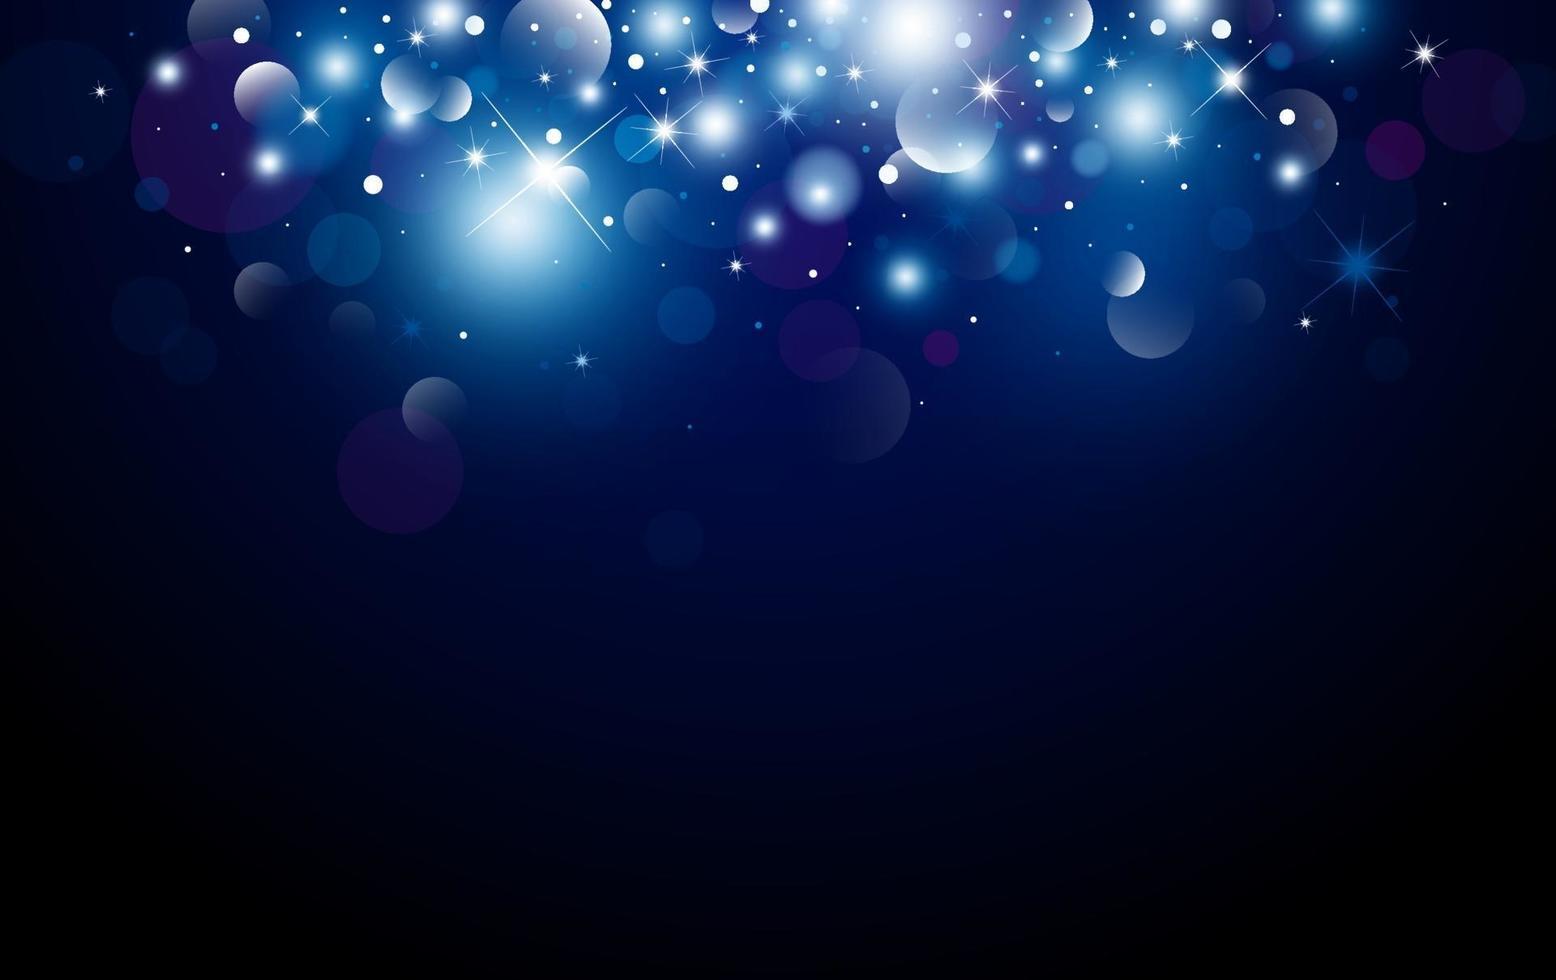 conception de fond de Noël de bokeh et illustration vectorielle effet de lumière vecteur